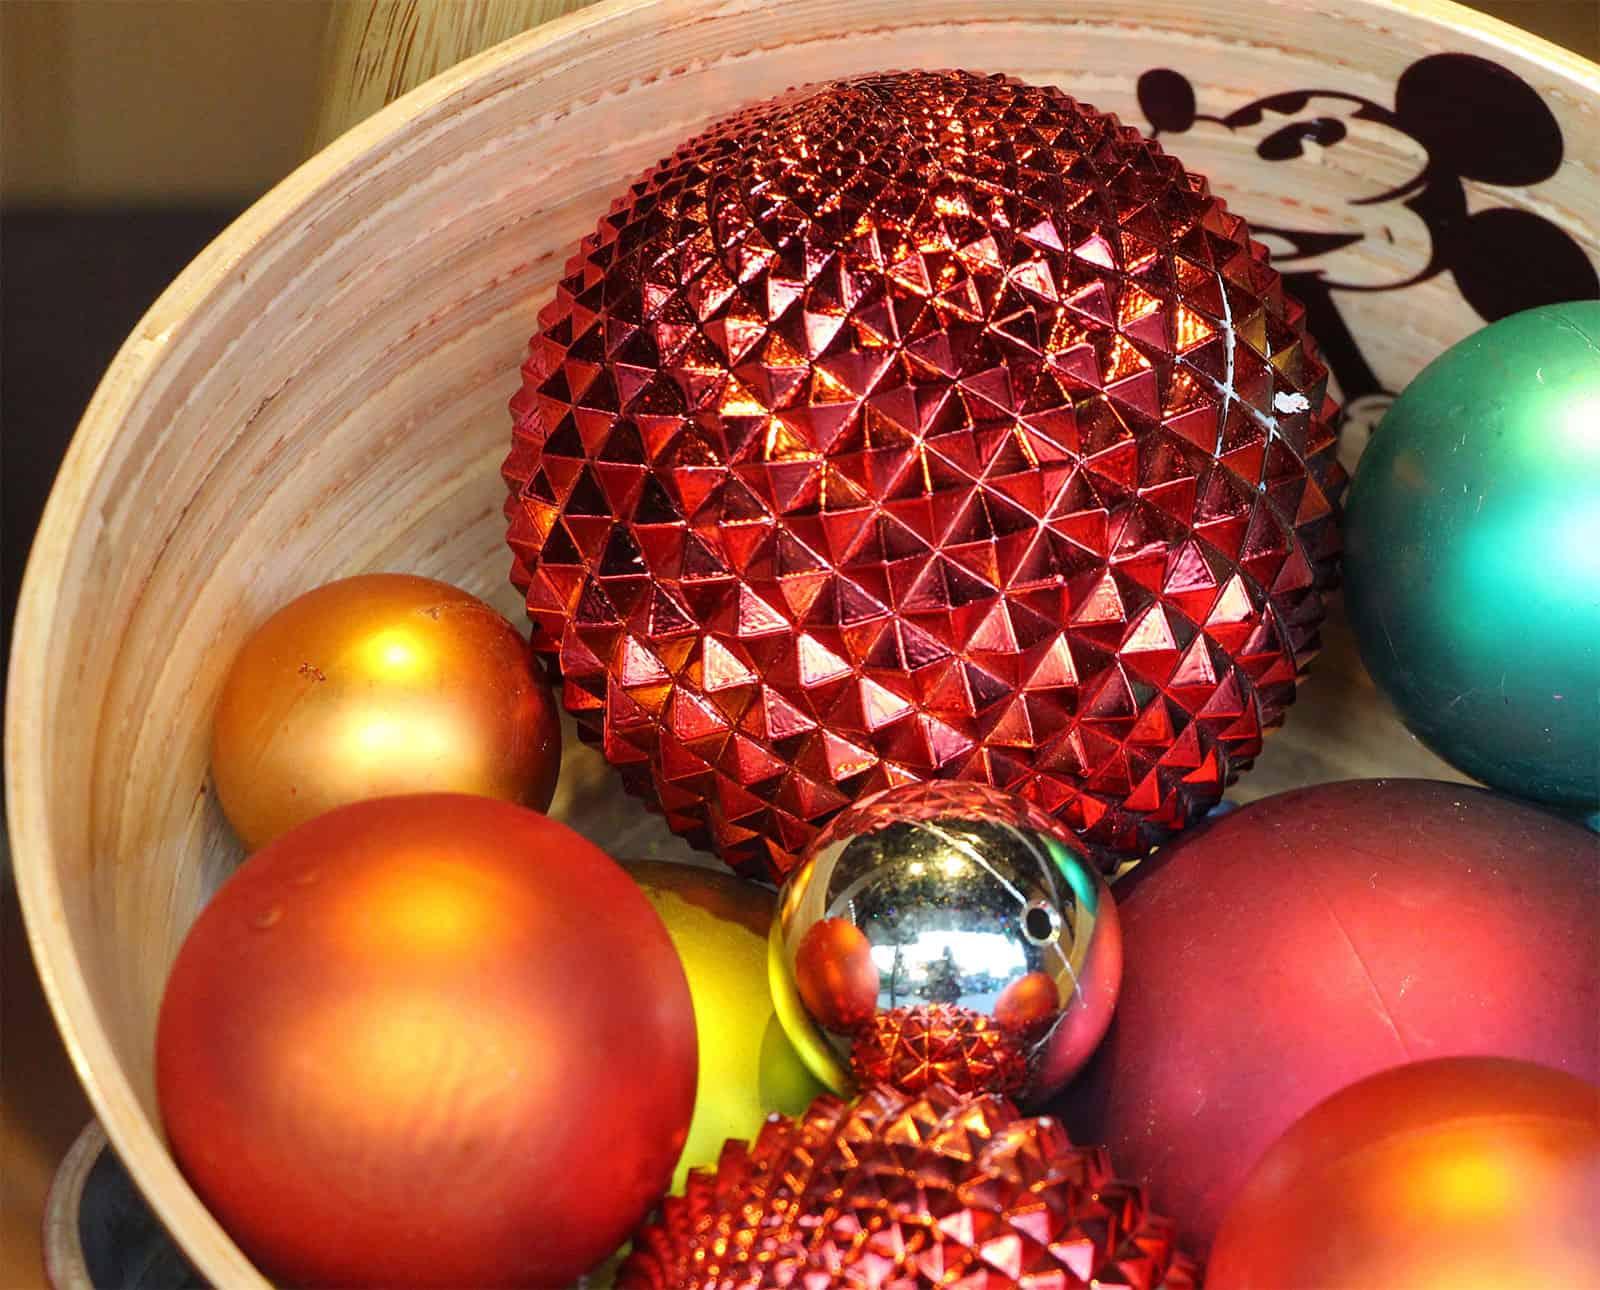 Ausgefallene muster und motive bei weihnachtskugeln - Weihnachtskugeln durchsichtig ...